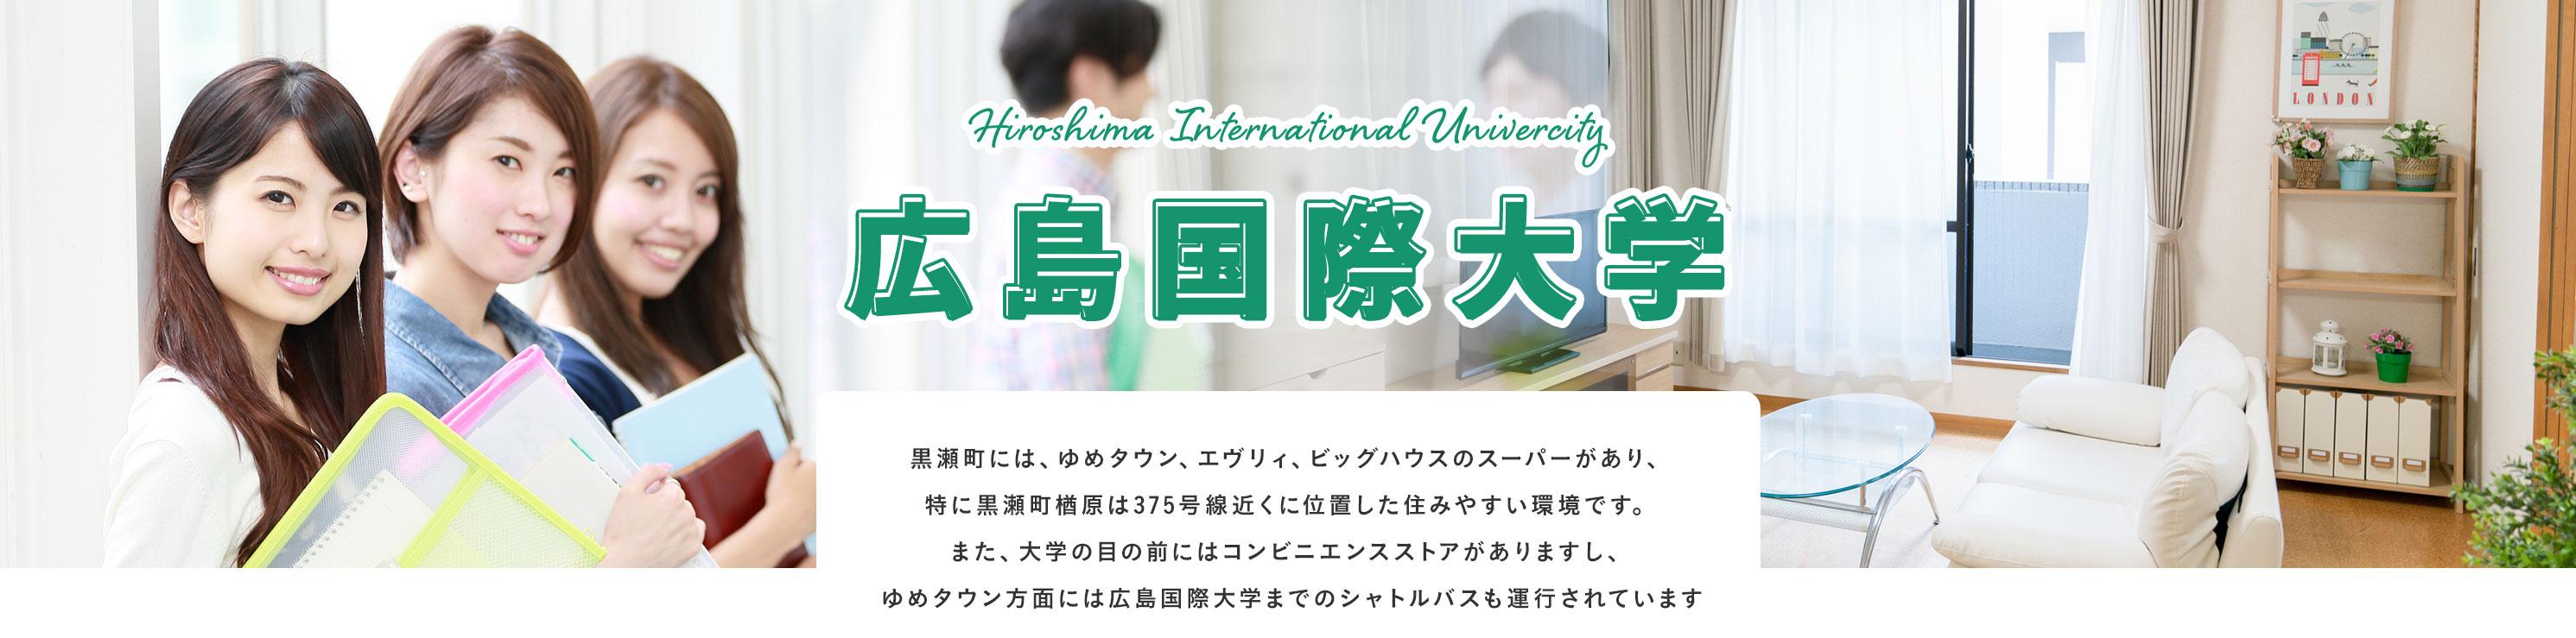 大学 バス 国際 広島 広島国際大学と広島市内を結ぶバスの直通便が新設